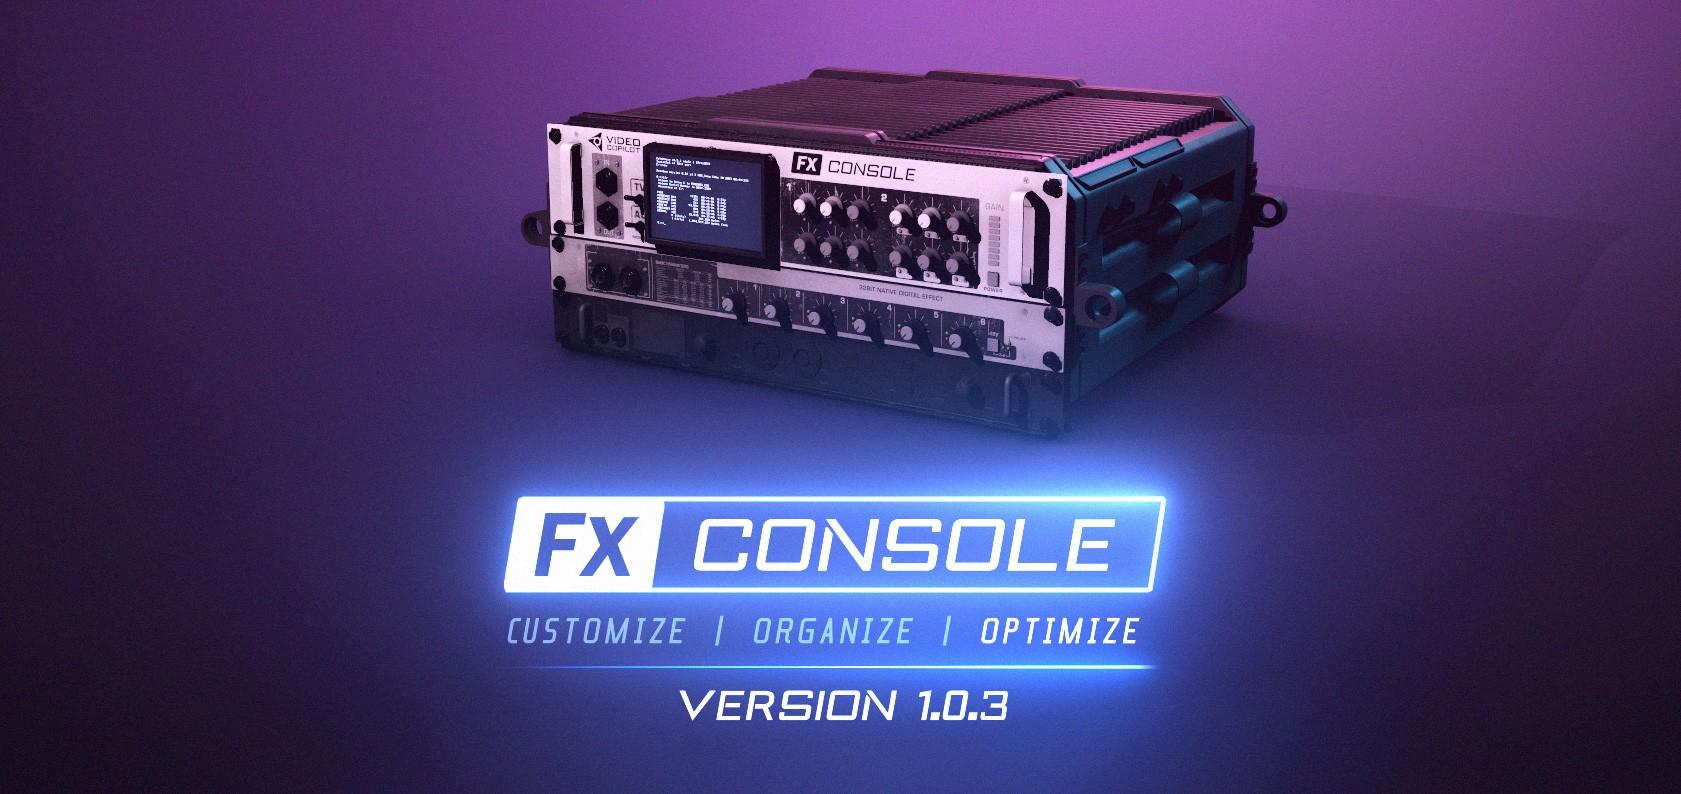 دانلود پلاگین FX Console 1.0.3 برای افترافکت